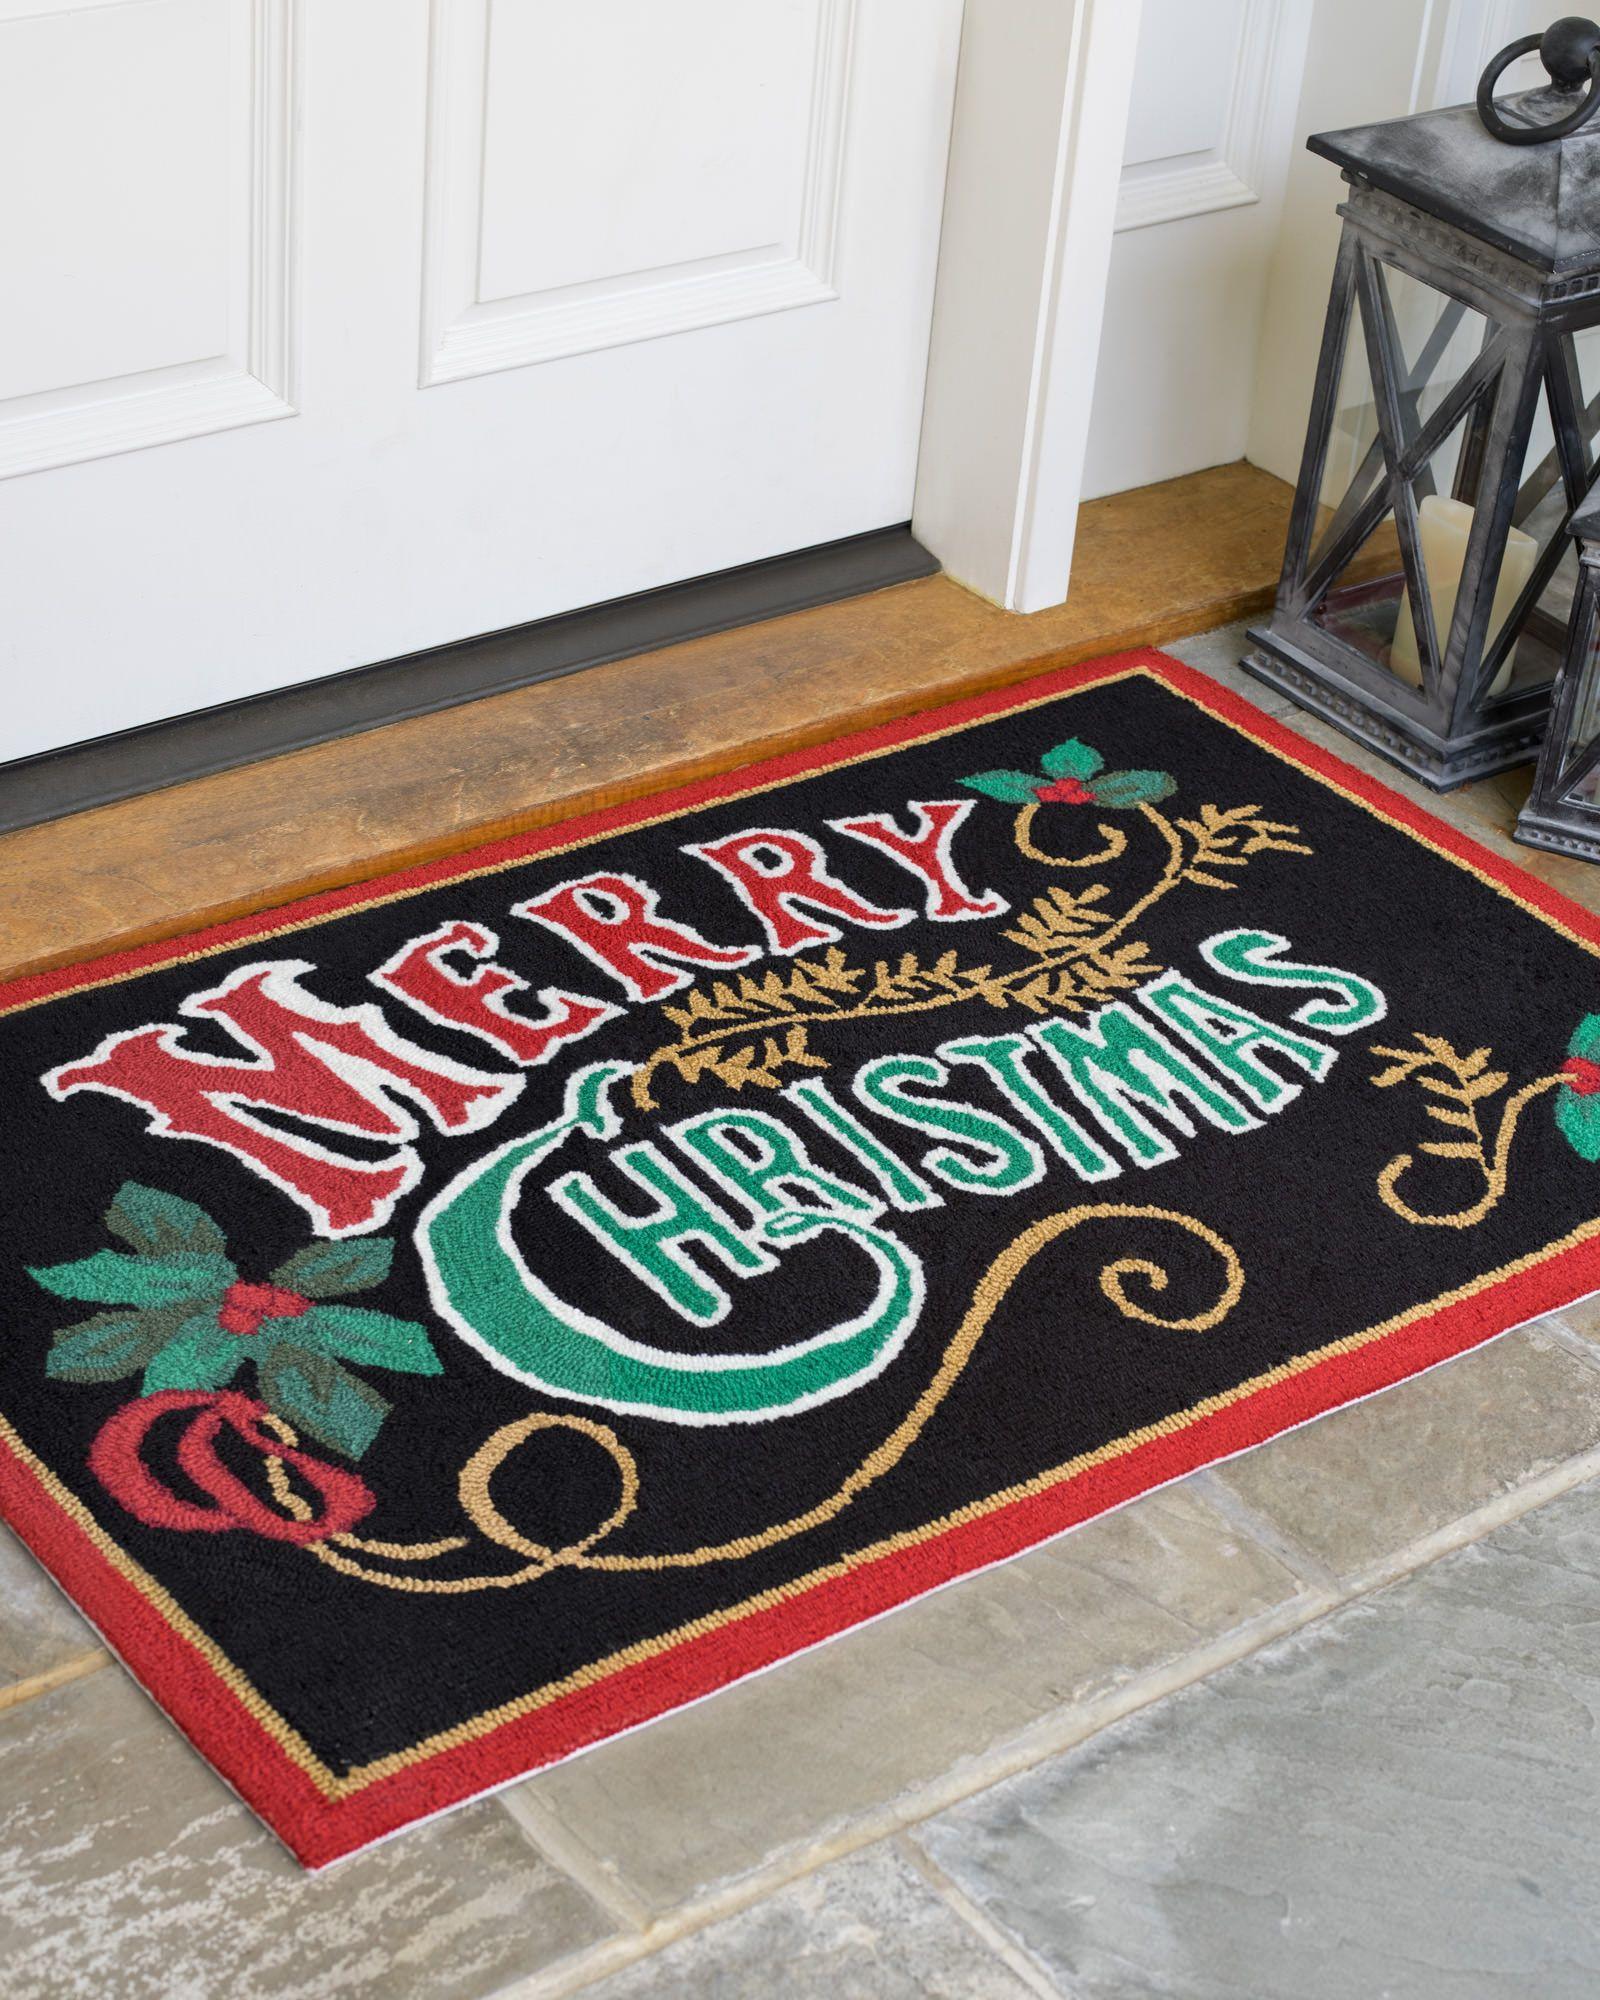 Merry Christmas Indoor Outdoor Rug aff link